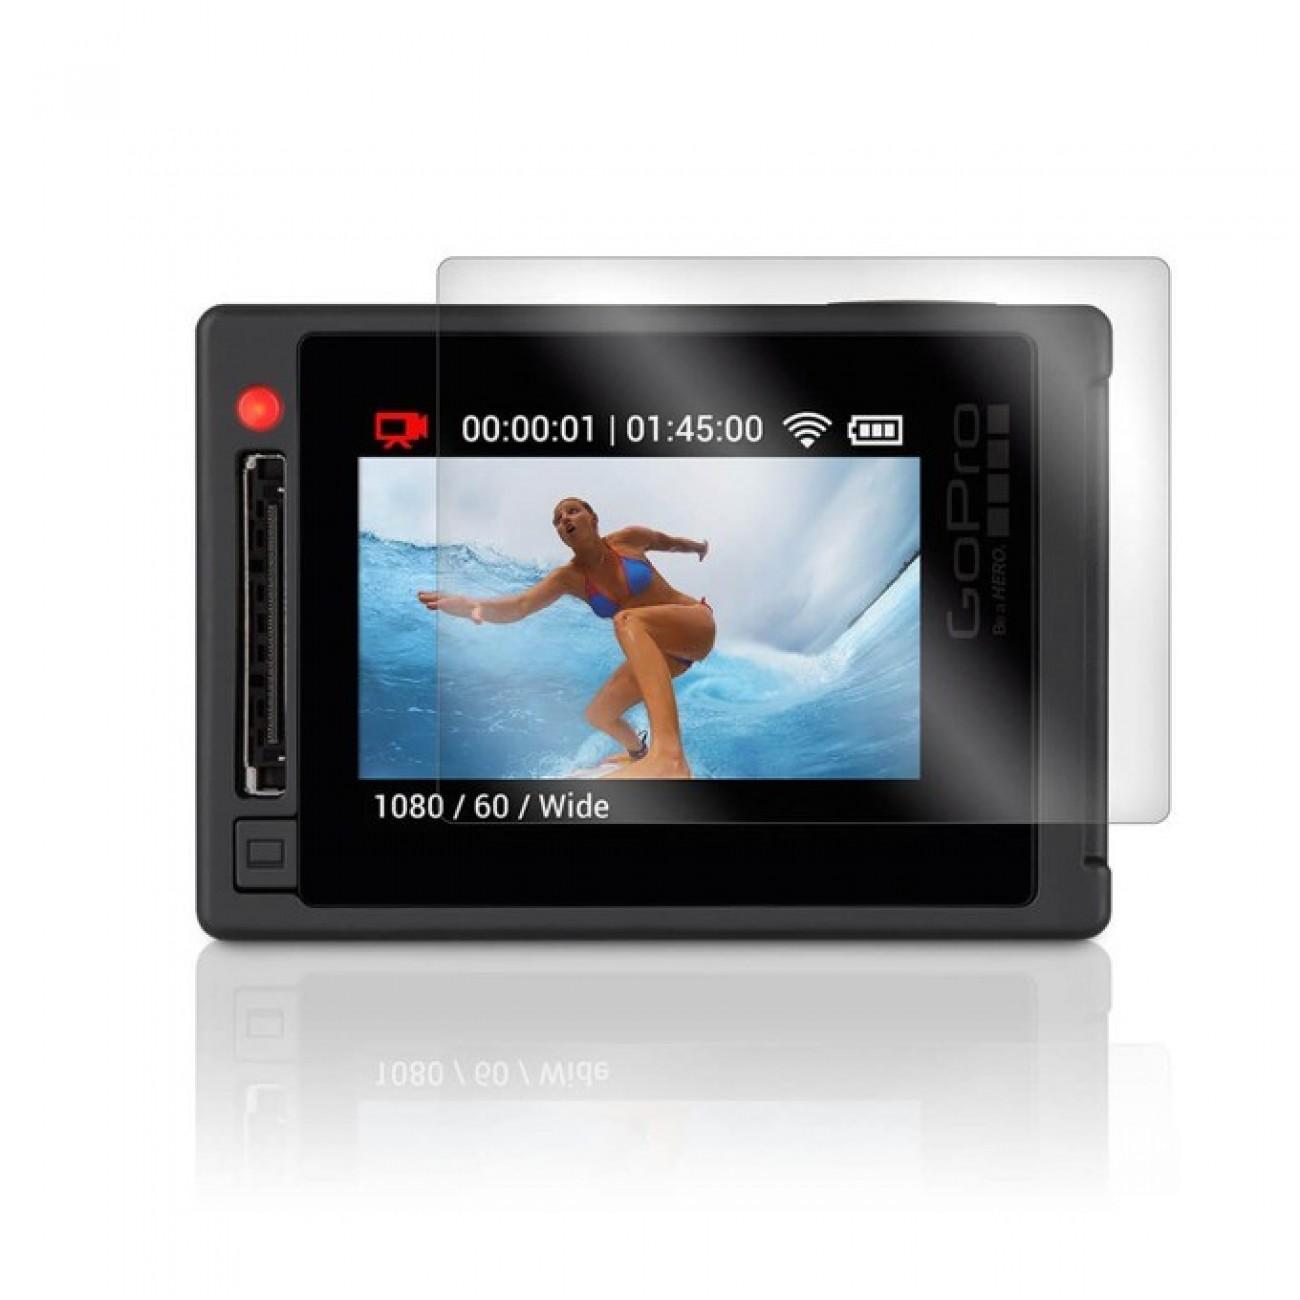 Защитно покритие за дисплей, за GoPro HERO4 Silver в Други Фото аксесоари -  | Alleop